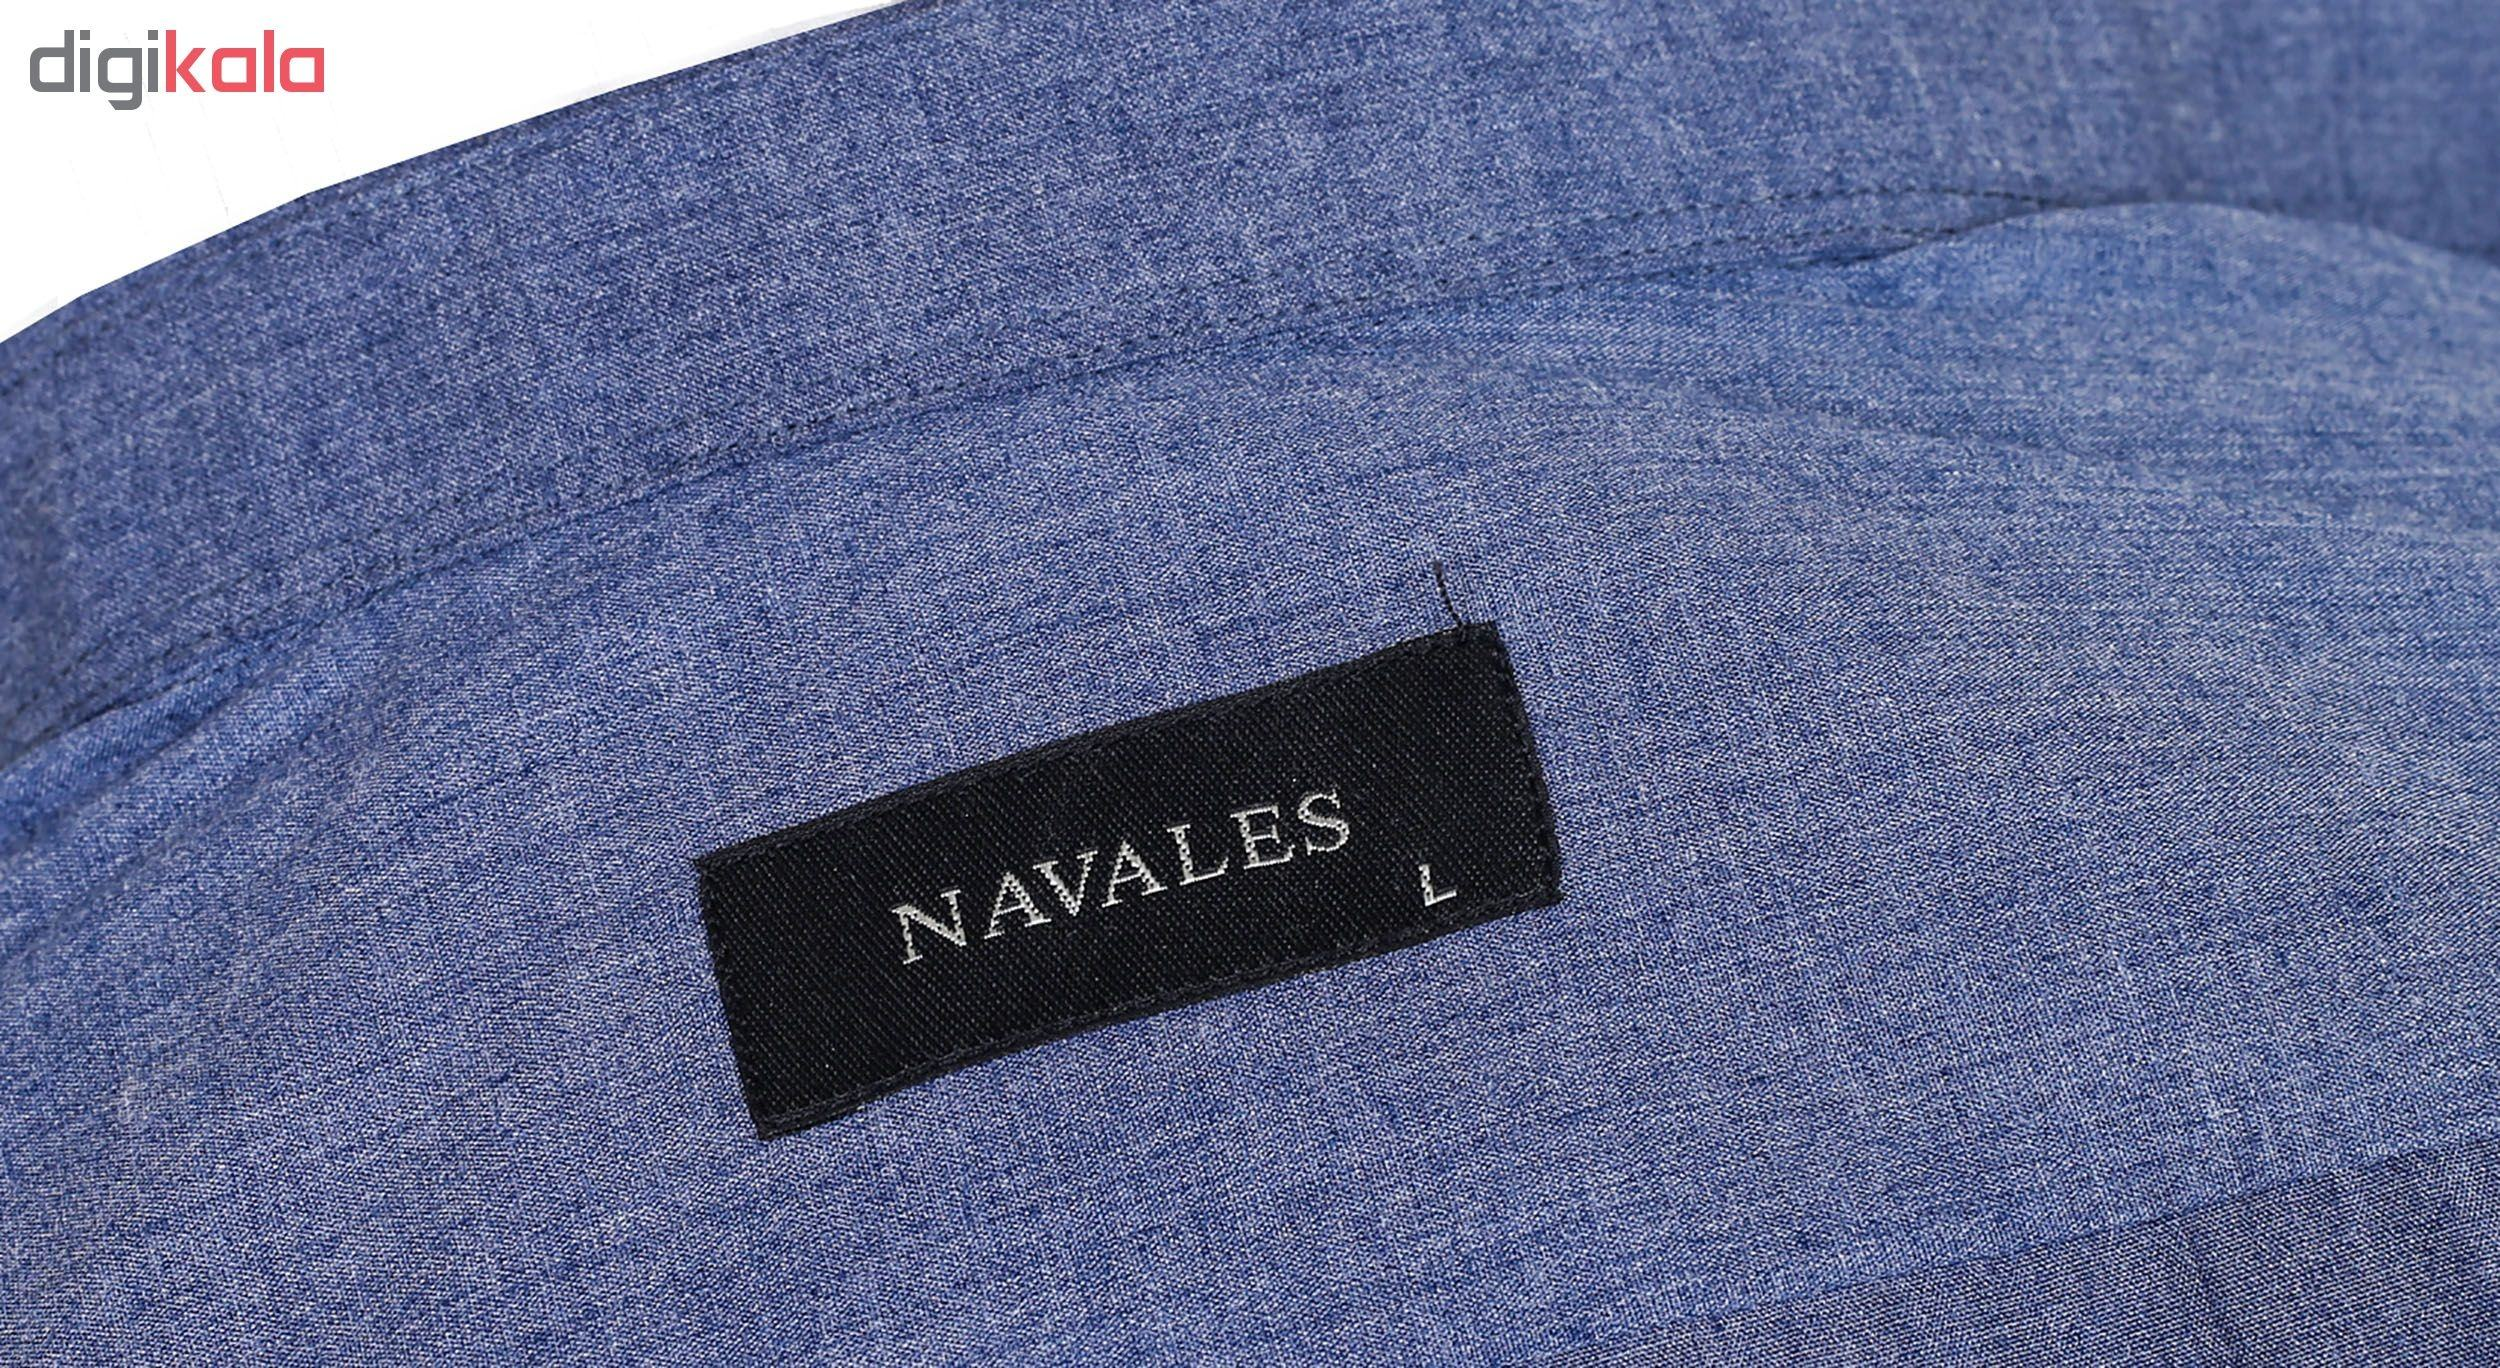 پیراهن مردانه ناوالس مدل regularfit2019_nv main 1 3